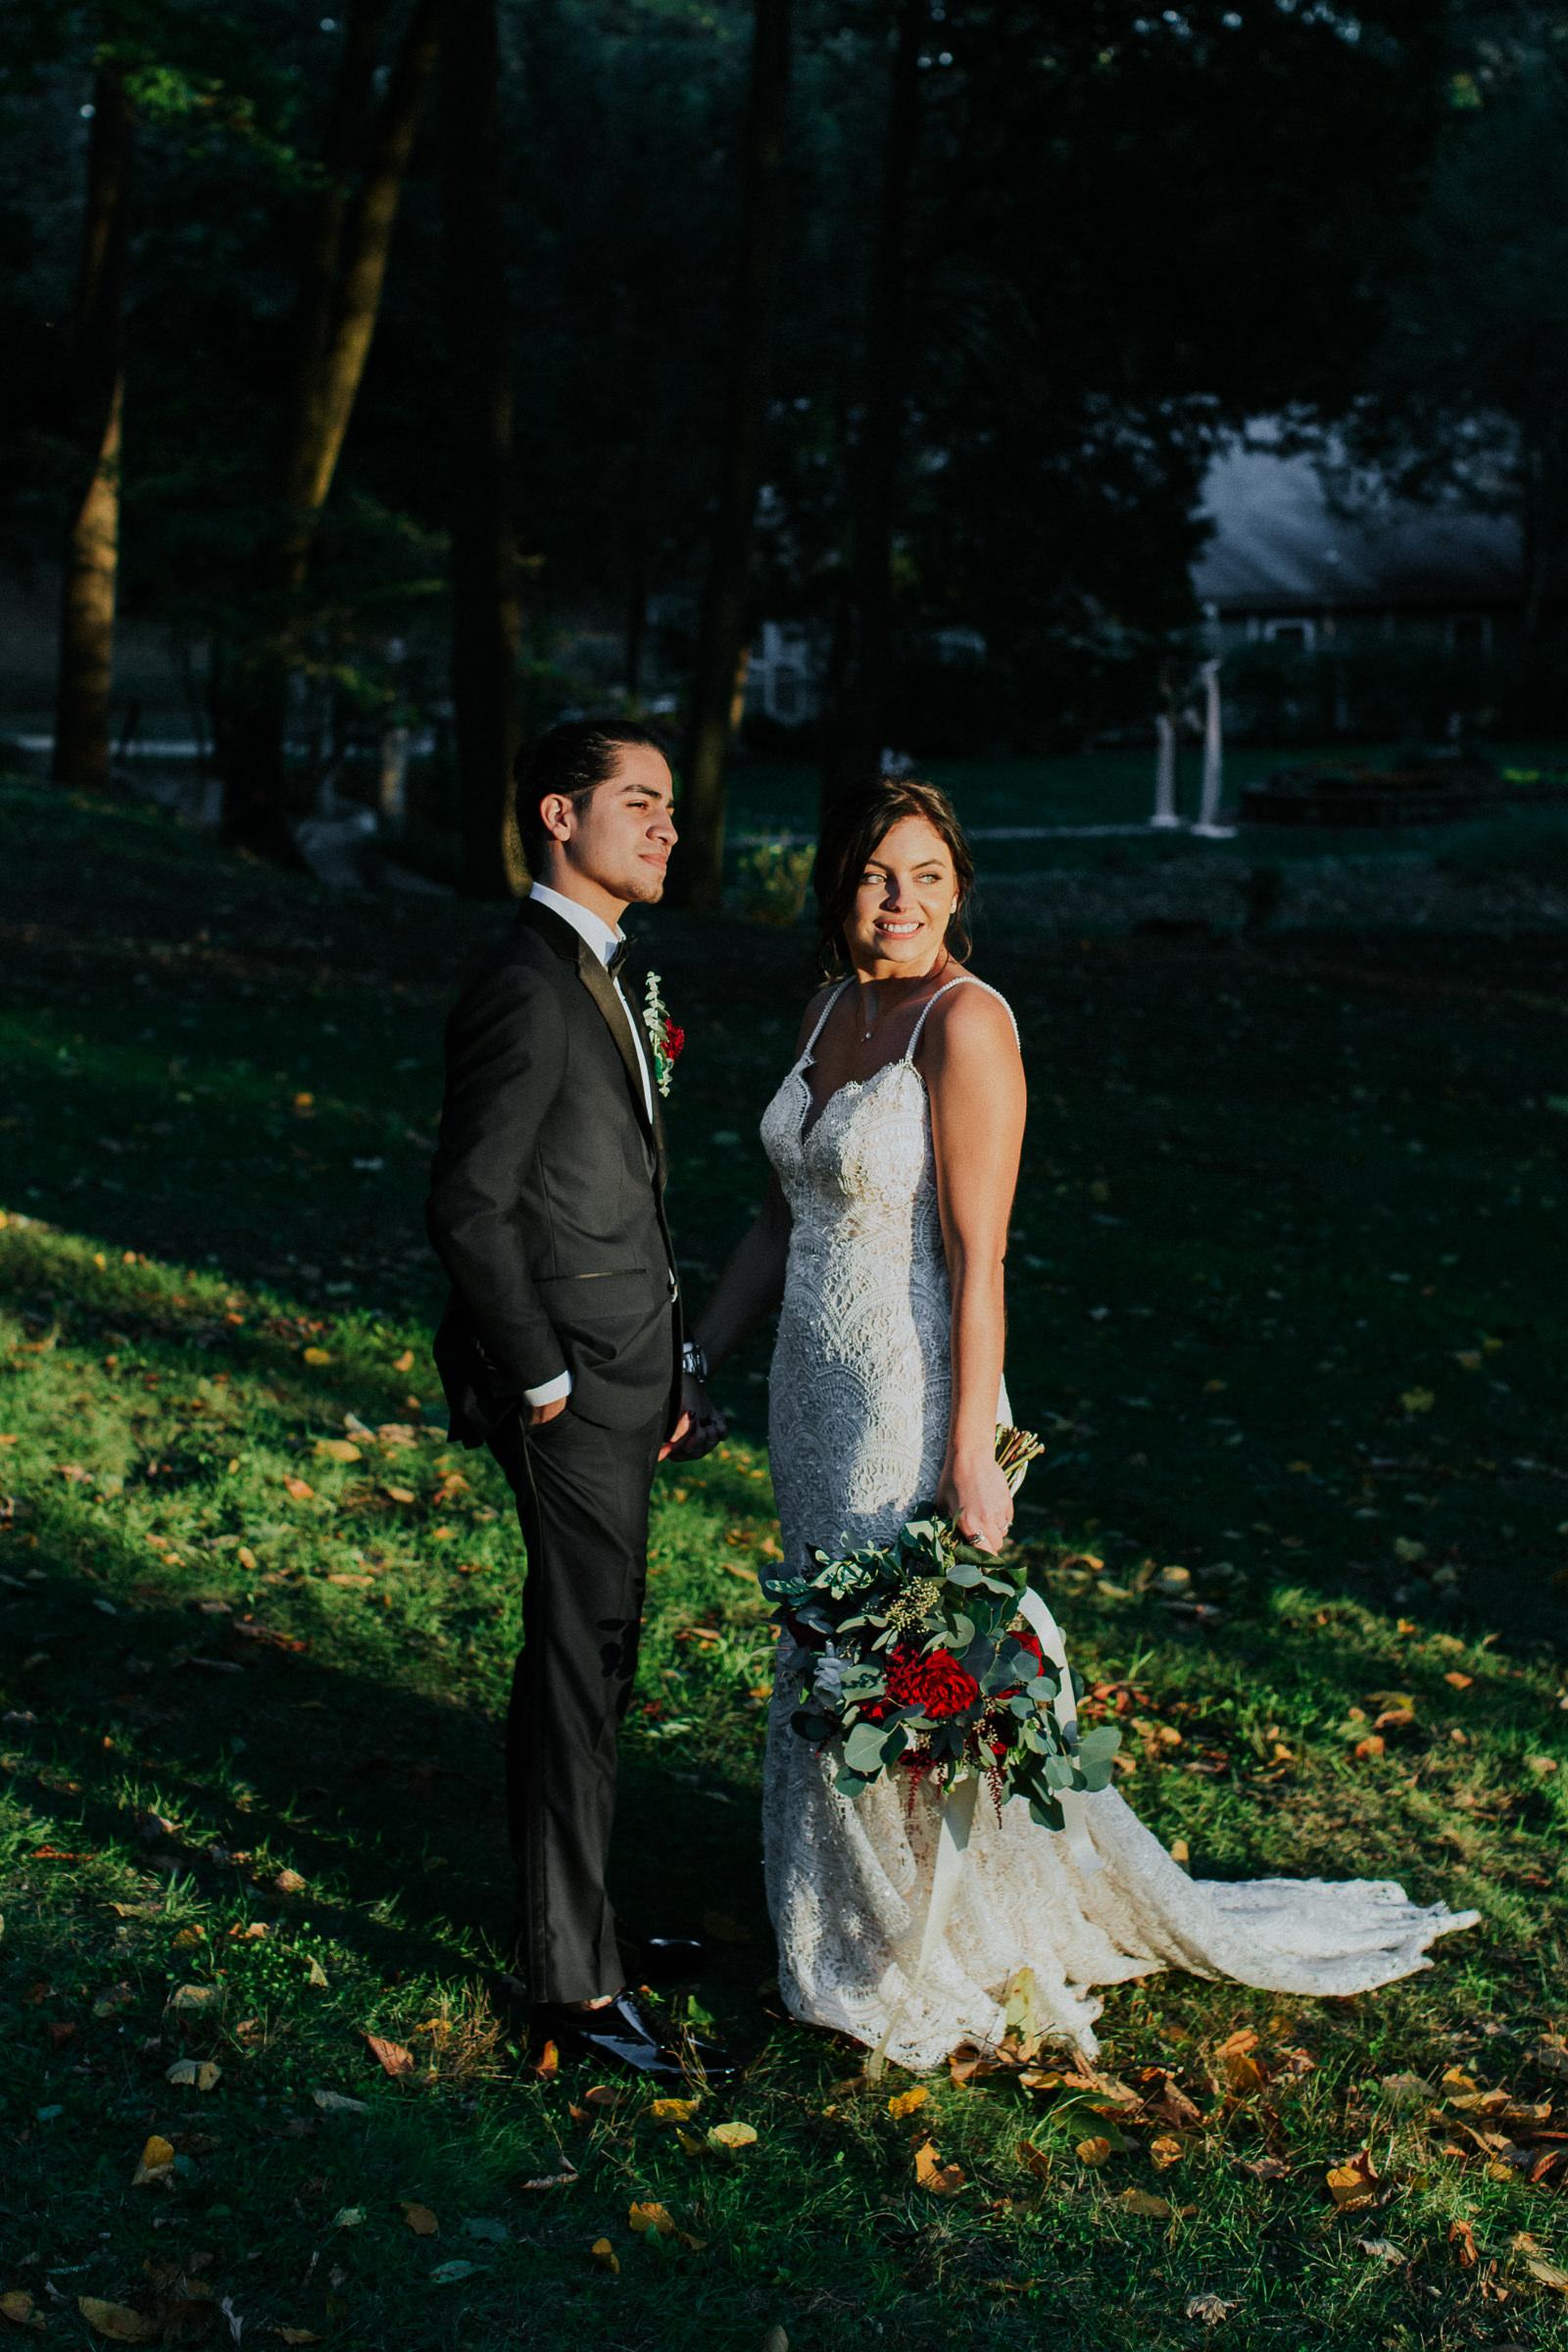 Arrow-Park-Monroe-NY-Documentary-Wedding-Photographer-77.jpg